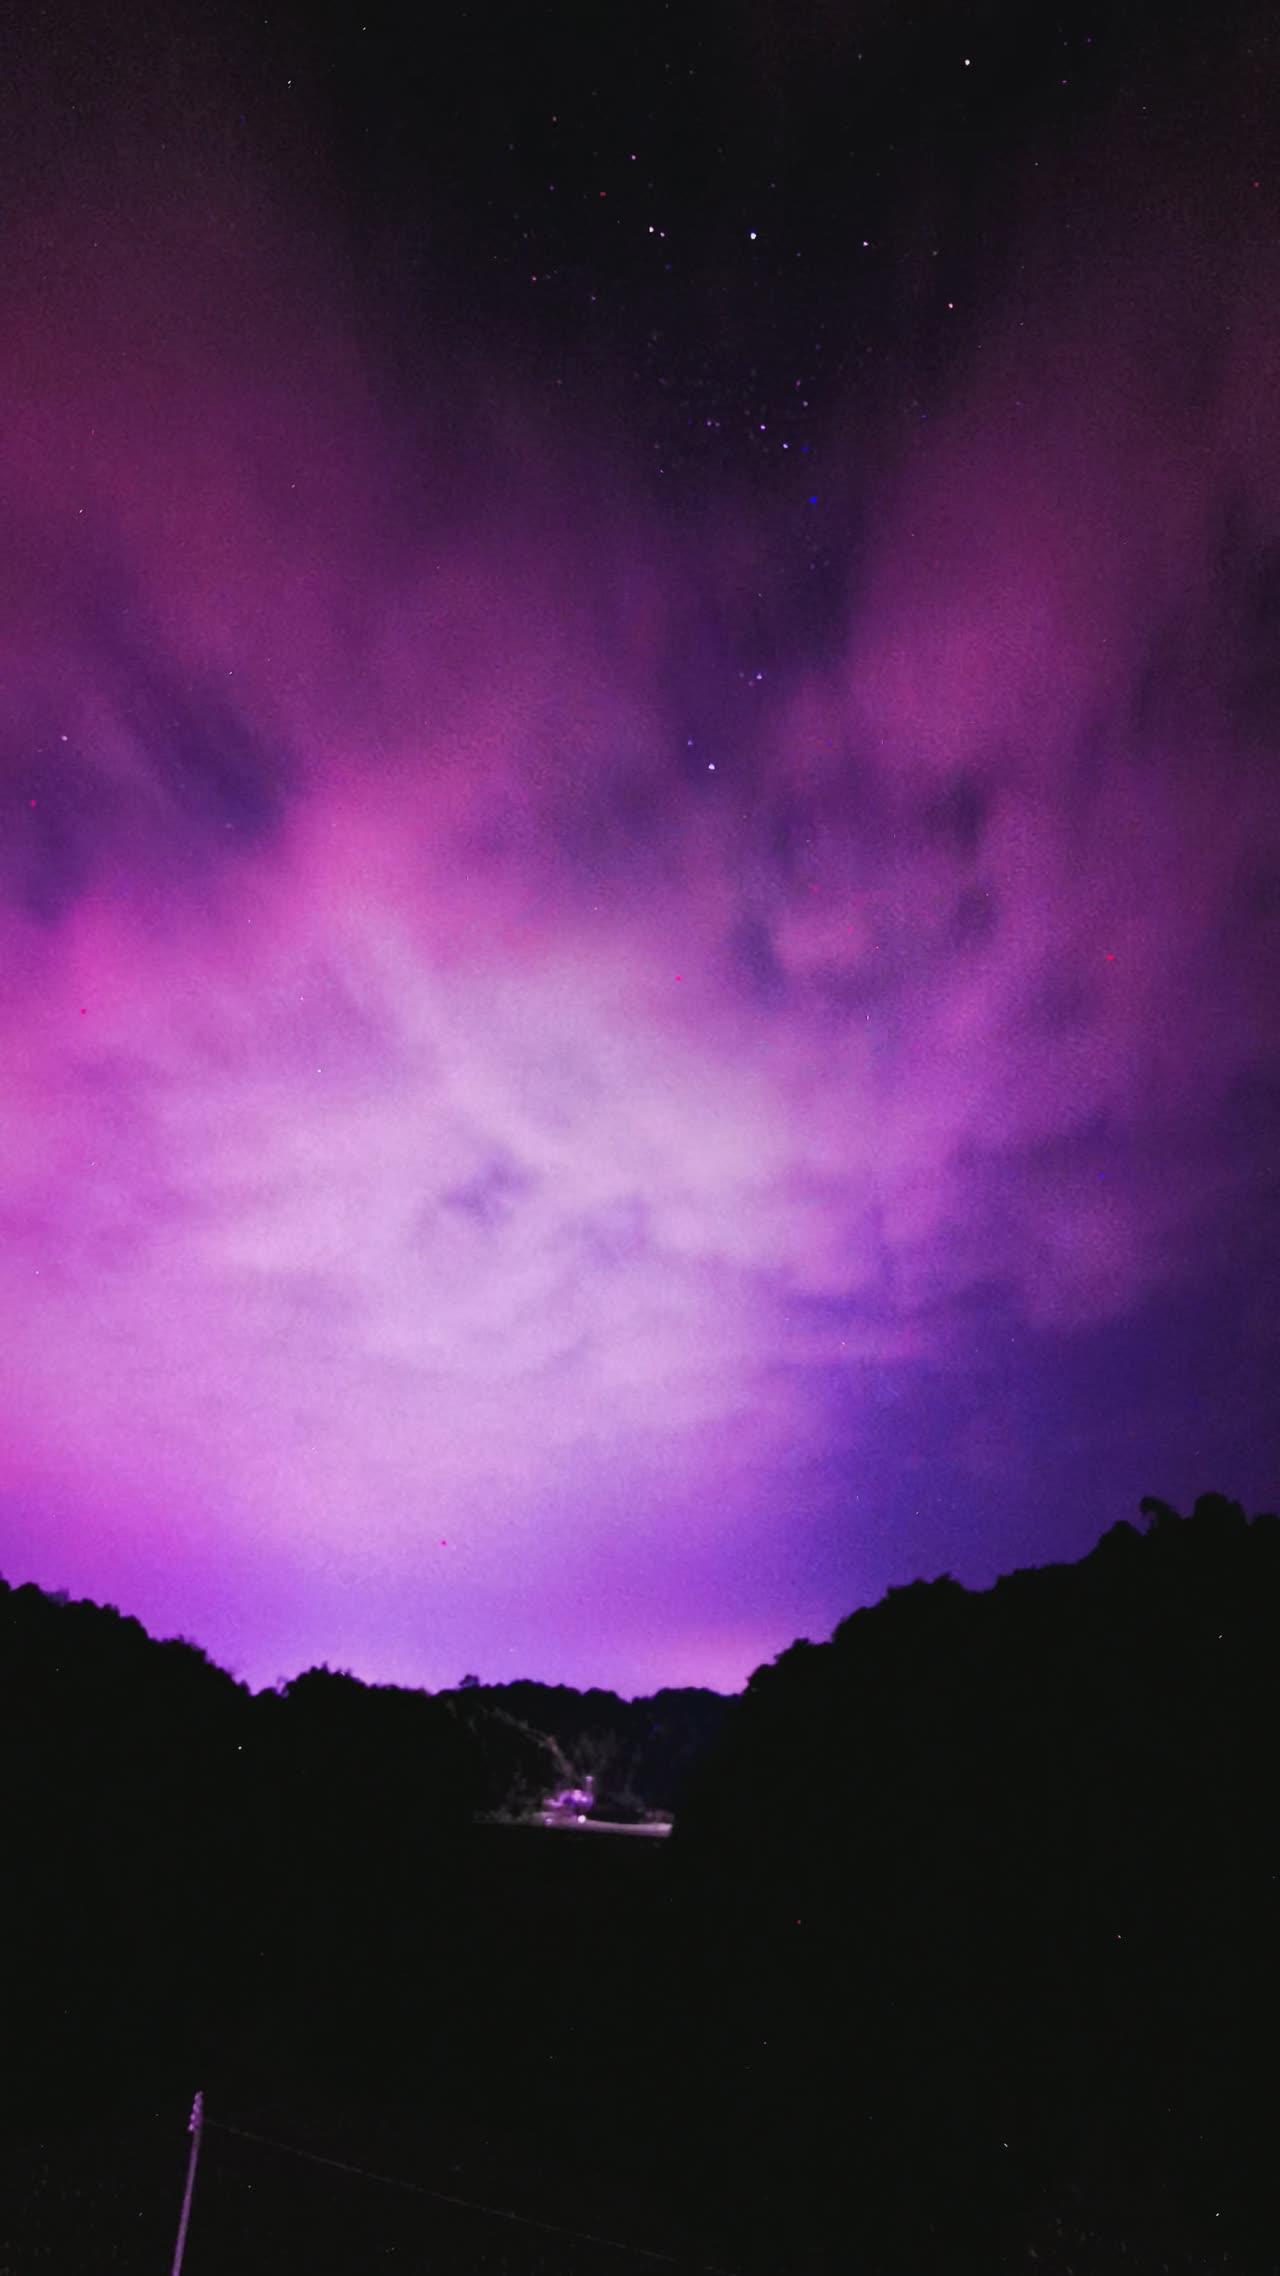 华为的幻夜星河延迟摄影,华为Mate30系列-花粉俱乐部